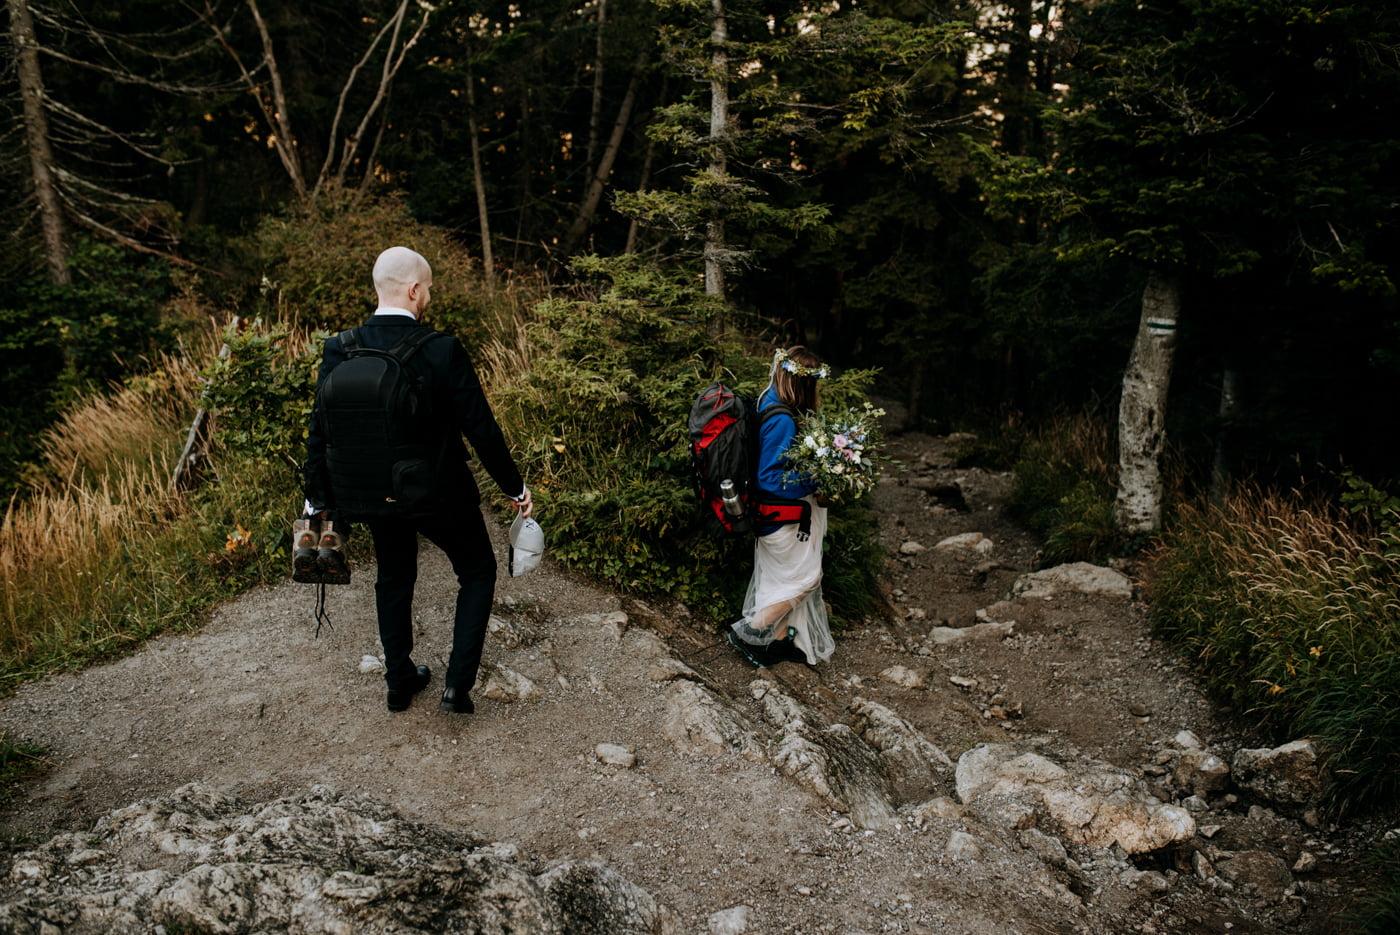 Sesja w górach – Kasia i Łukasz 40